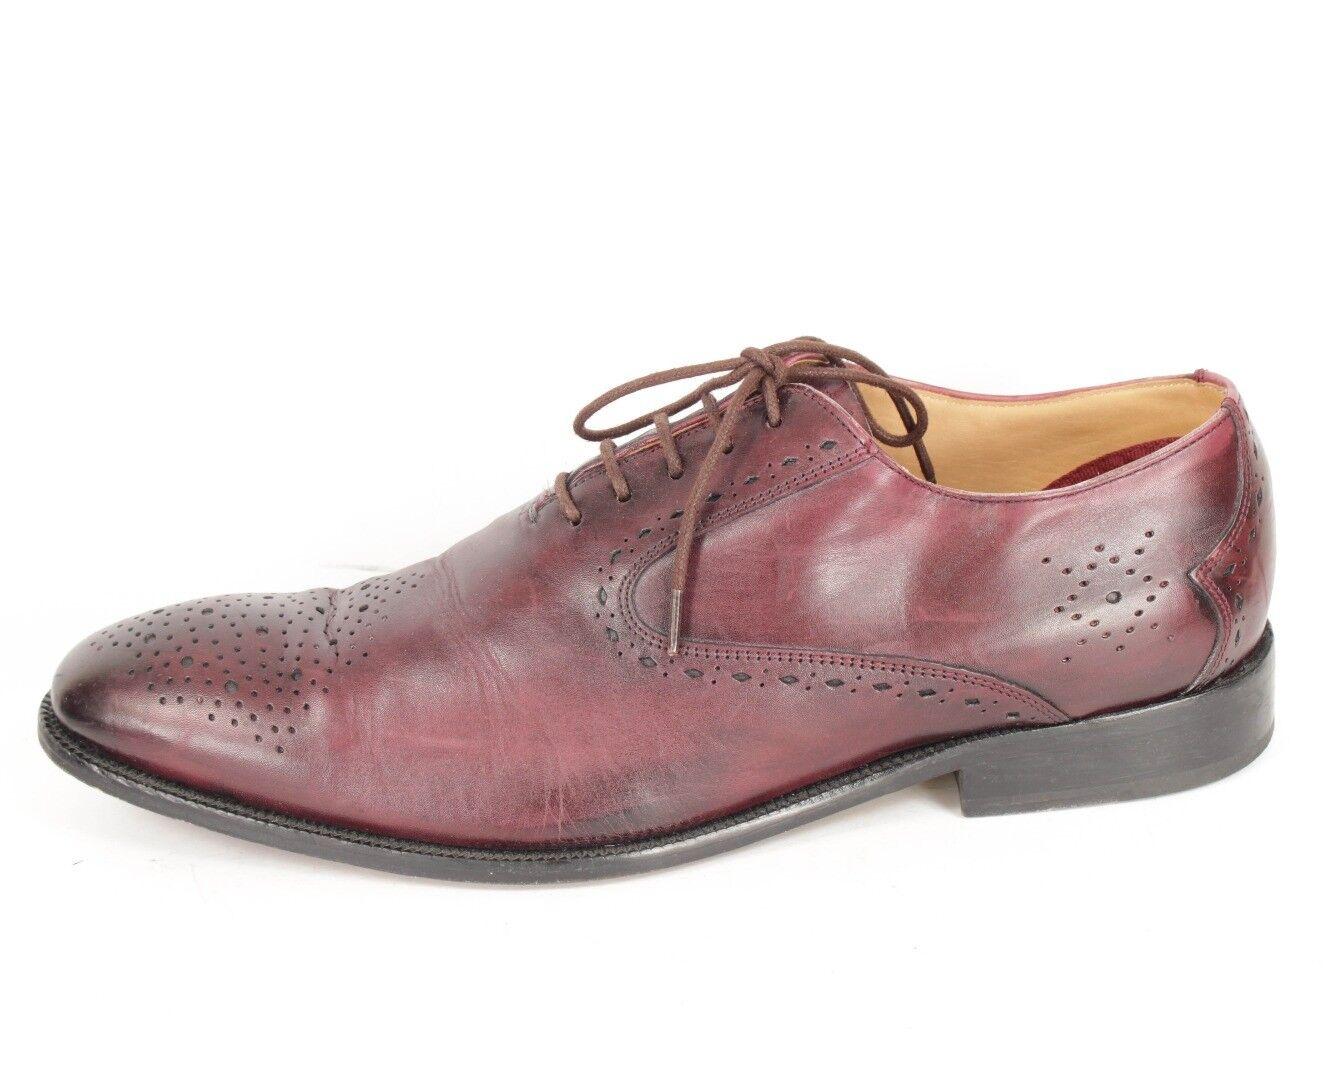 BEN SHERMAN Beautiful dettaglio abito  di Borgogna Scarpe di scarpe Sz.US 10 M  fornire un prodotto di qualità